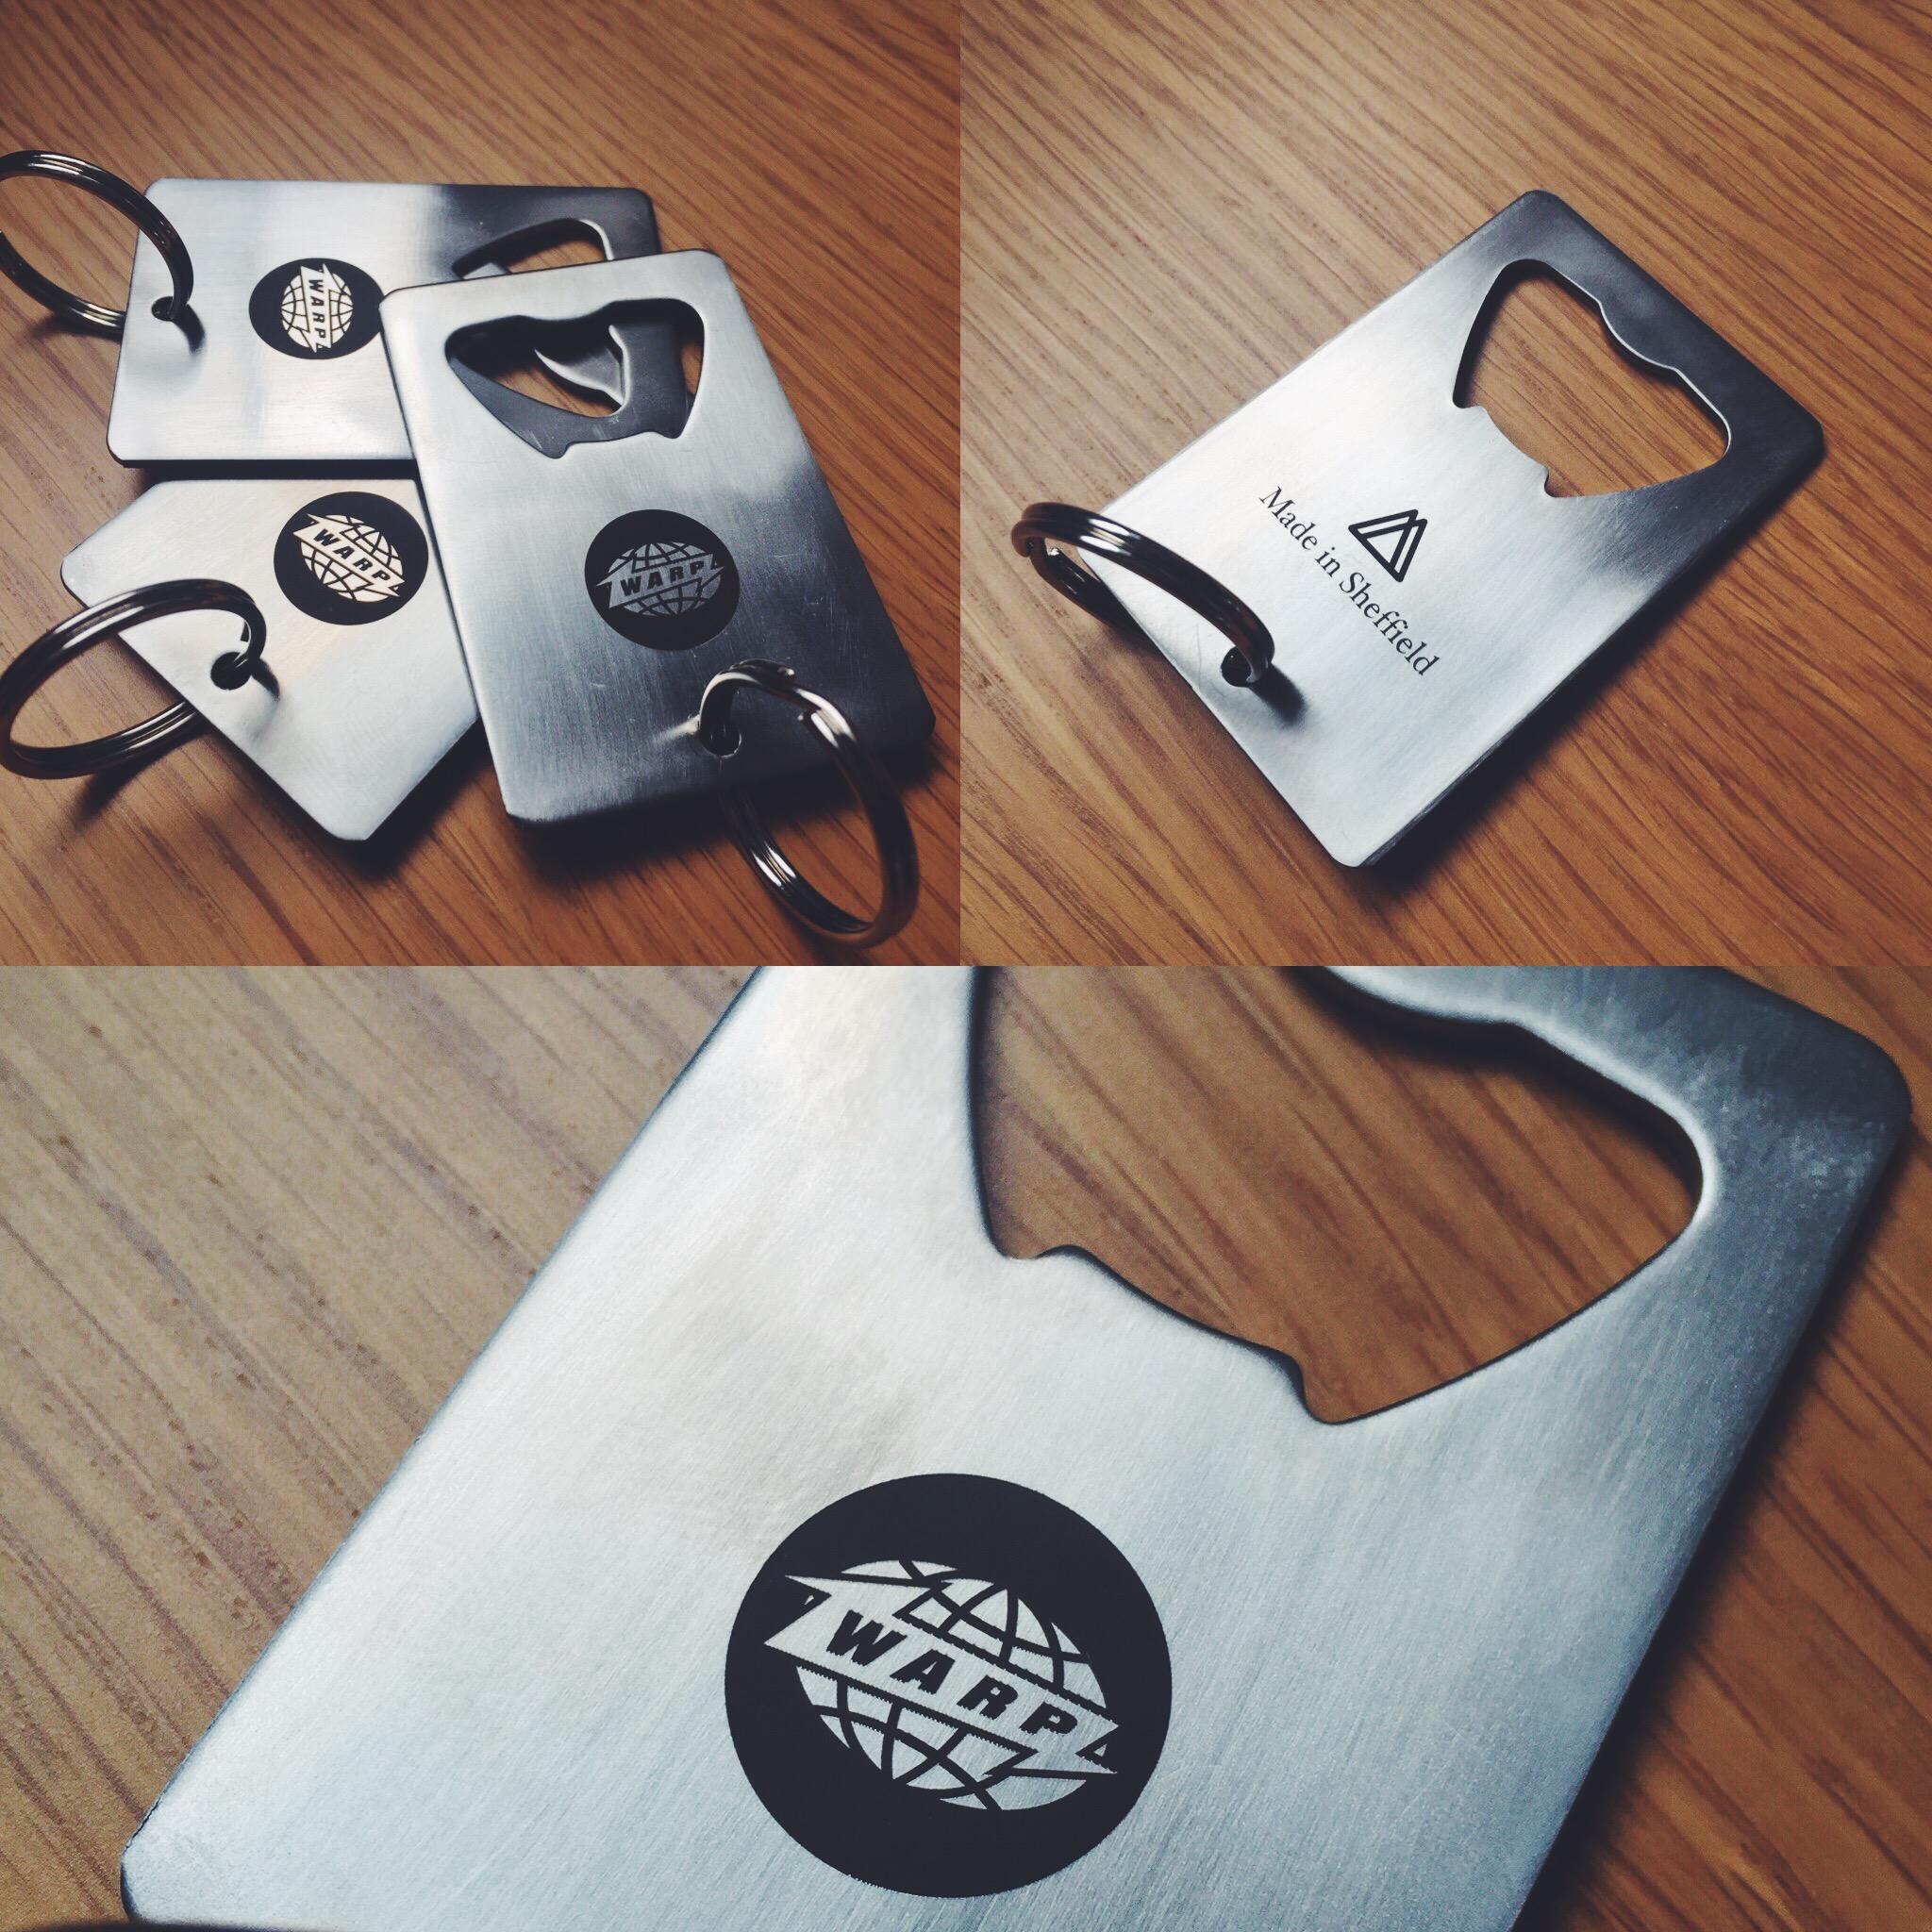 Keychain giveaway